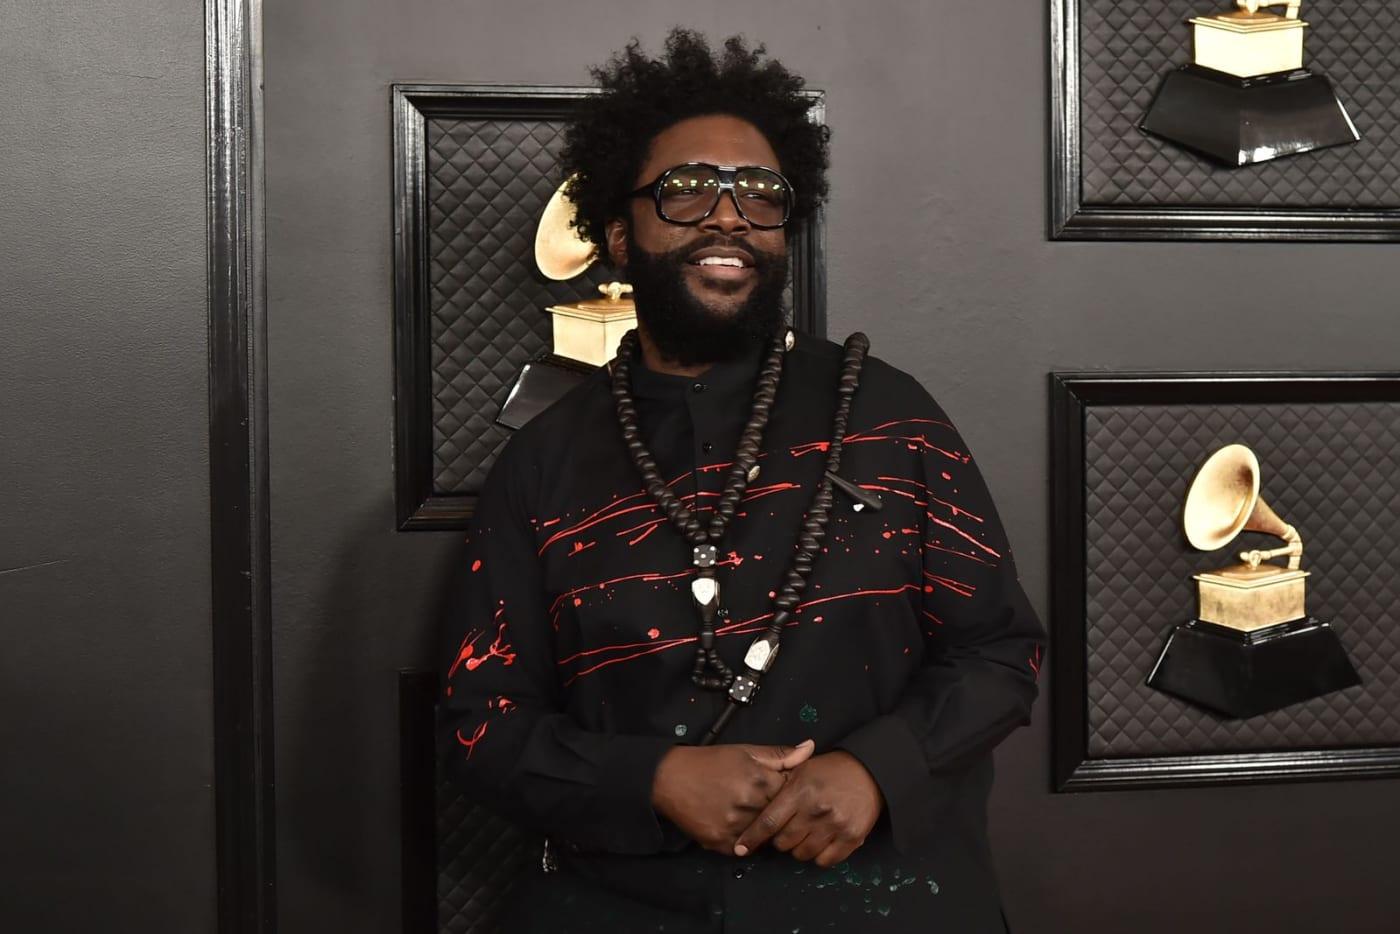 Questlove at 2019 Grammys